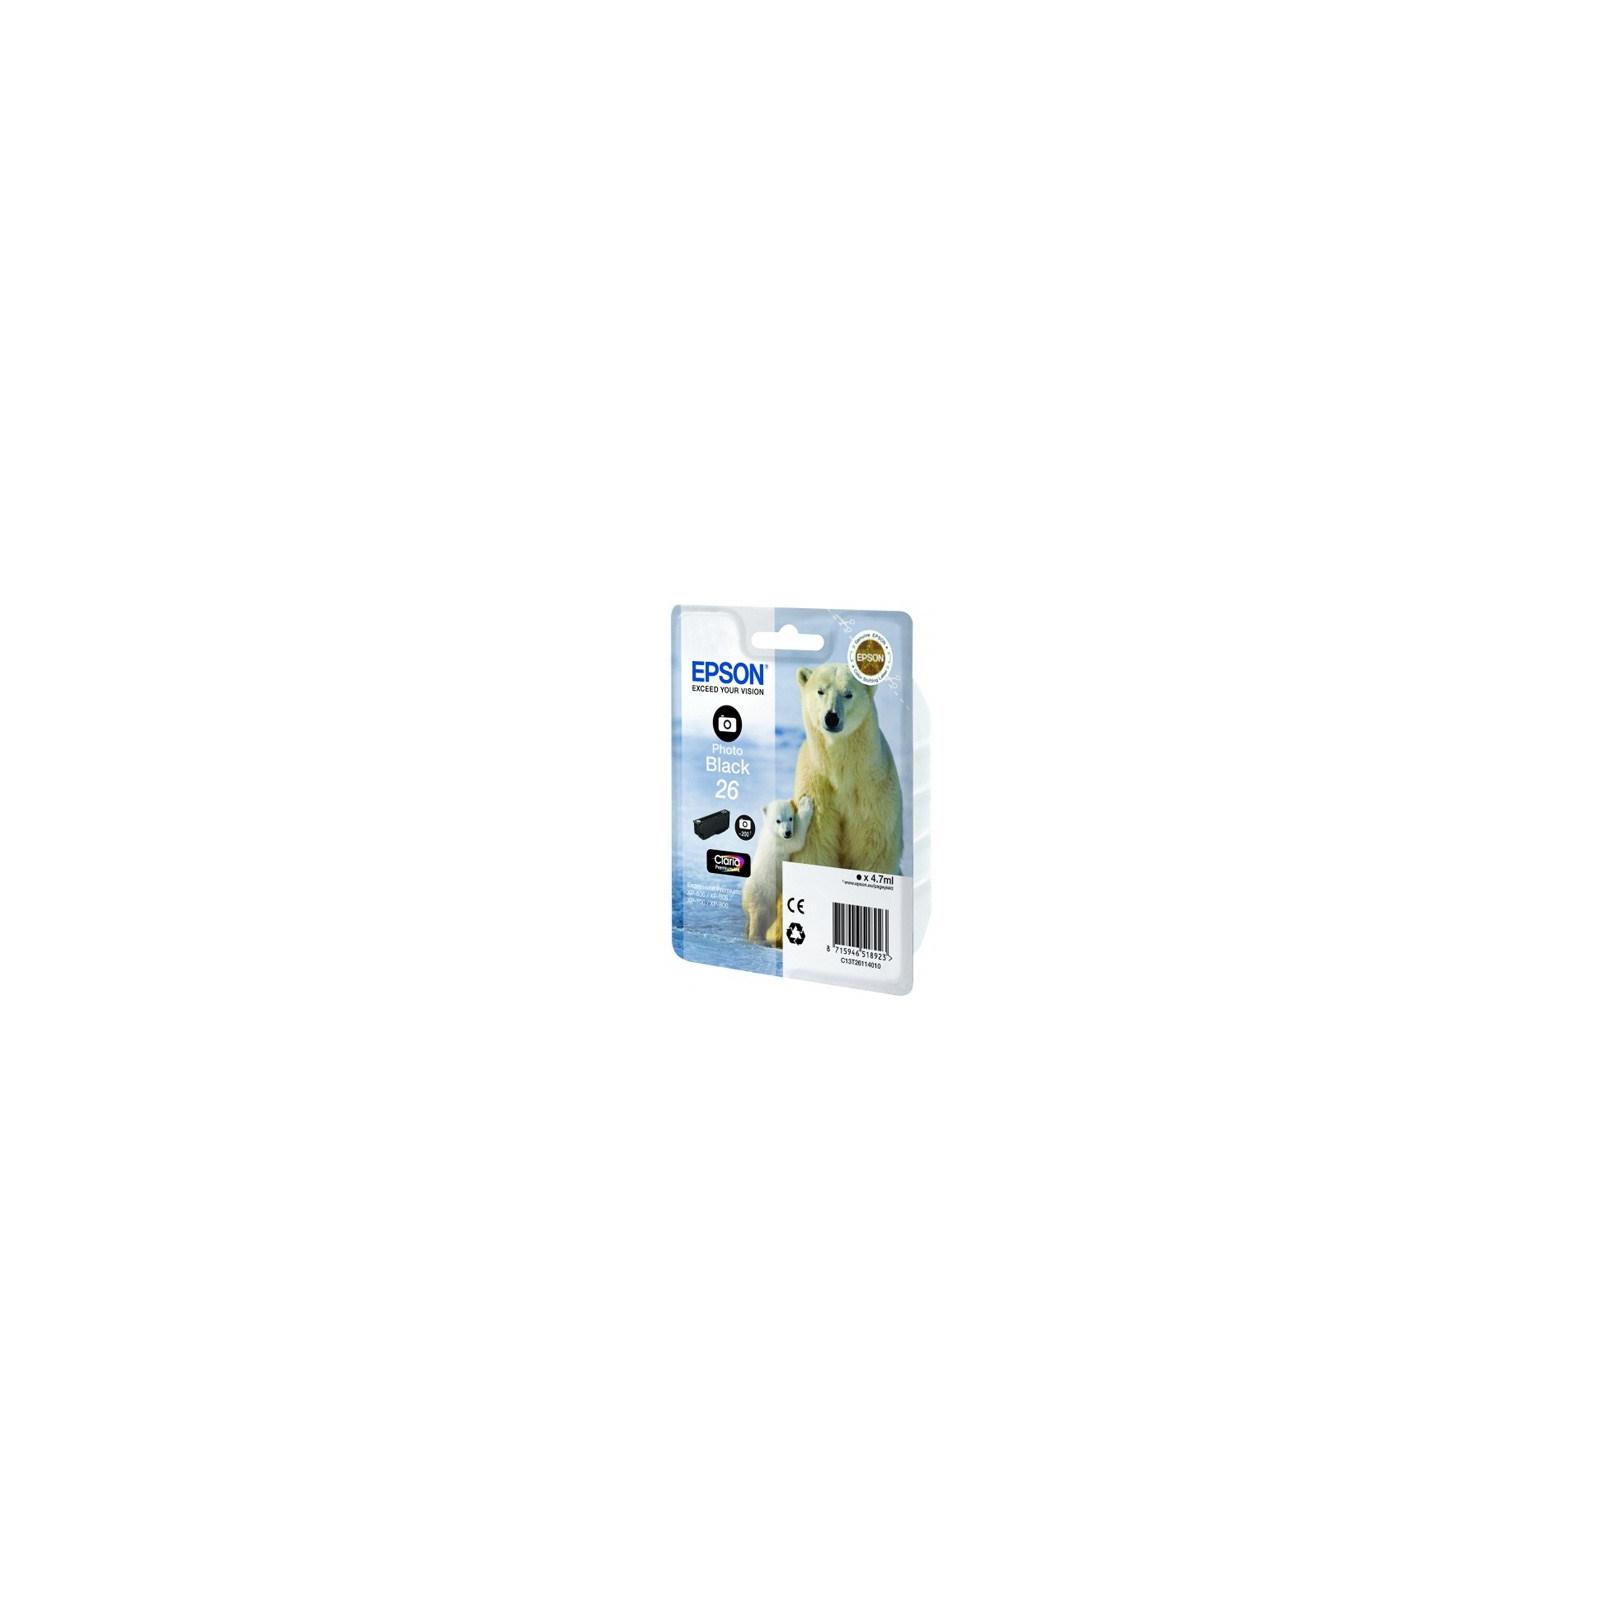 Картридж EPSON 26 XP600/605/700 black (C13T26114010/C13T26114012)